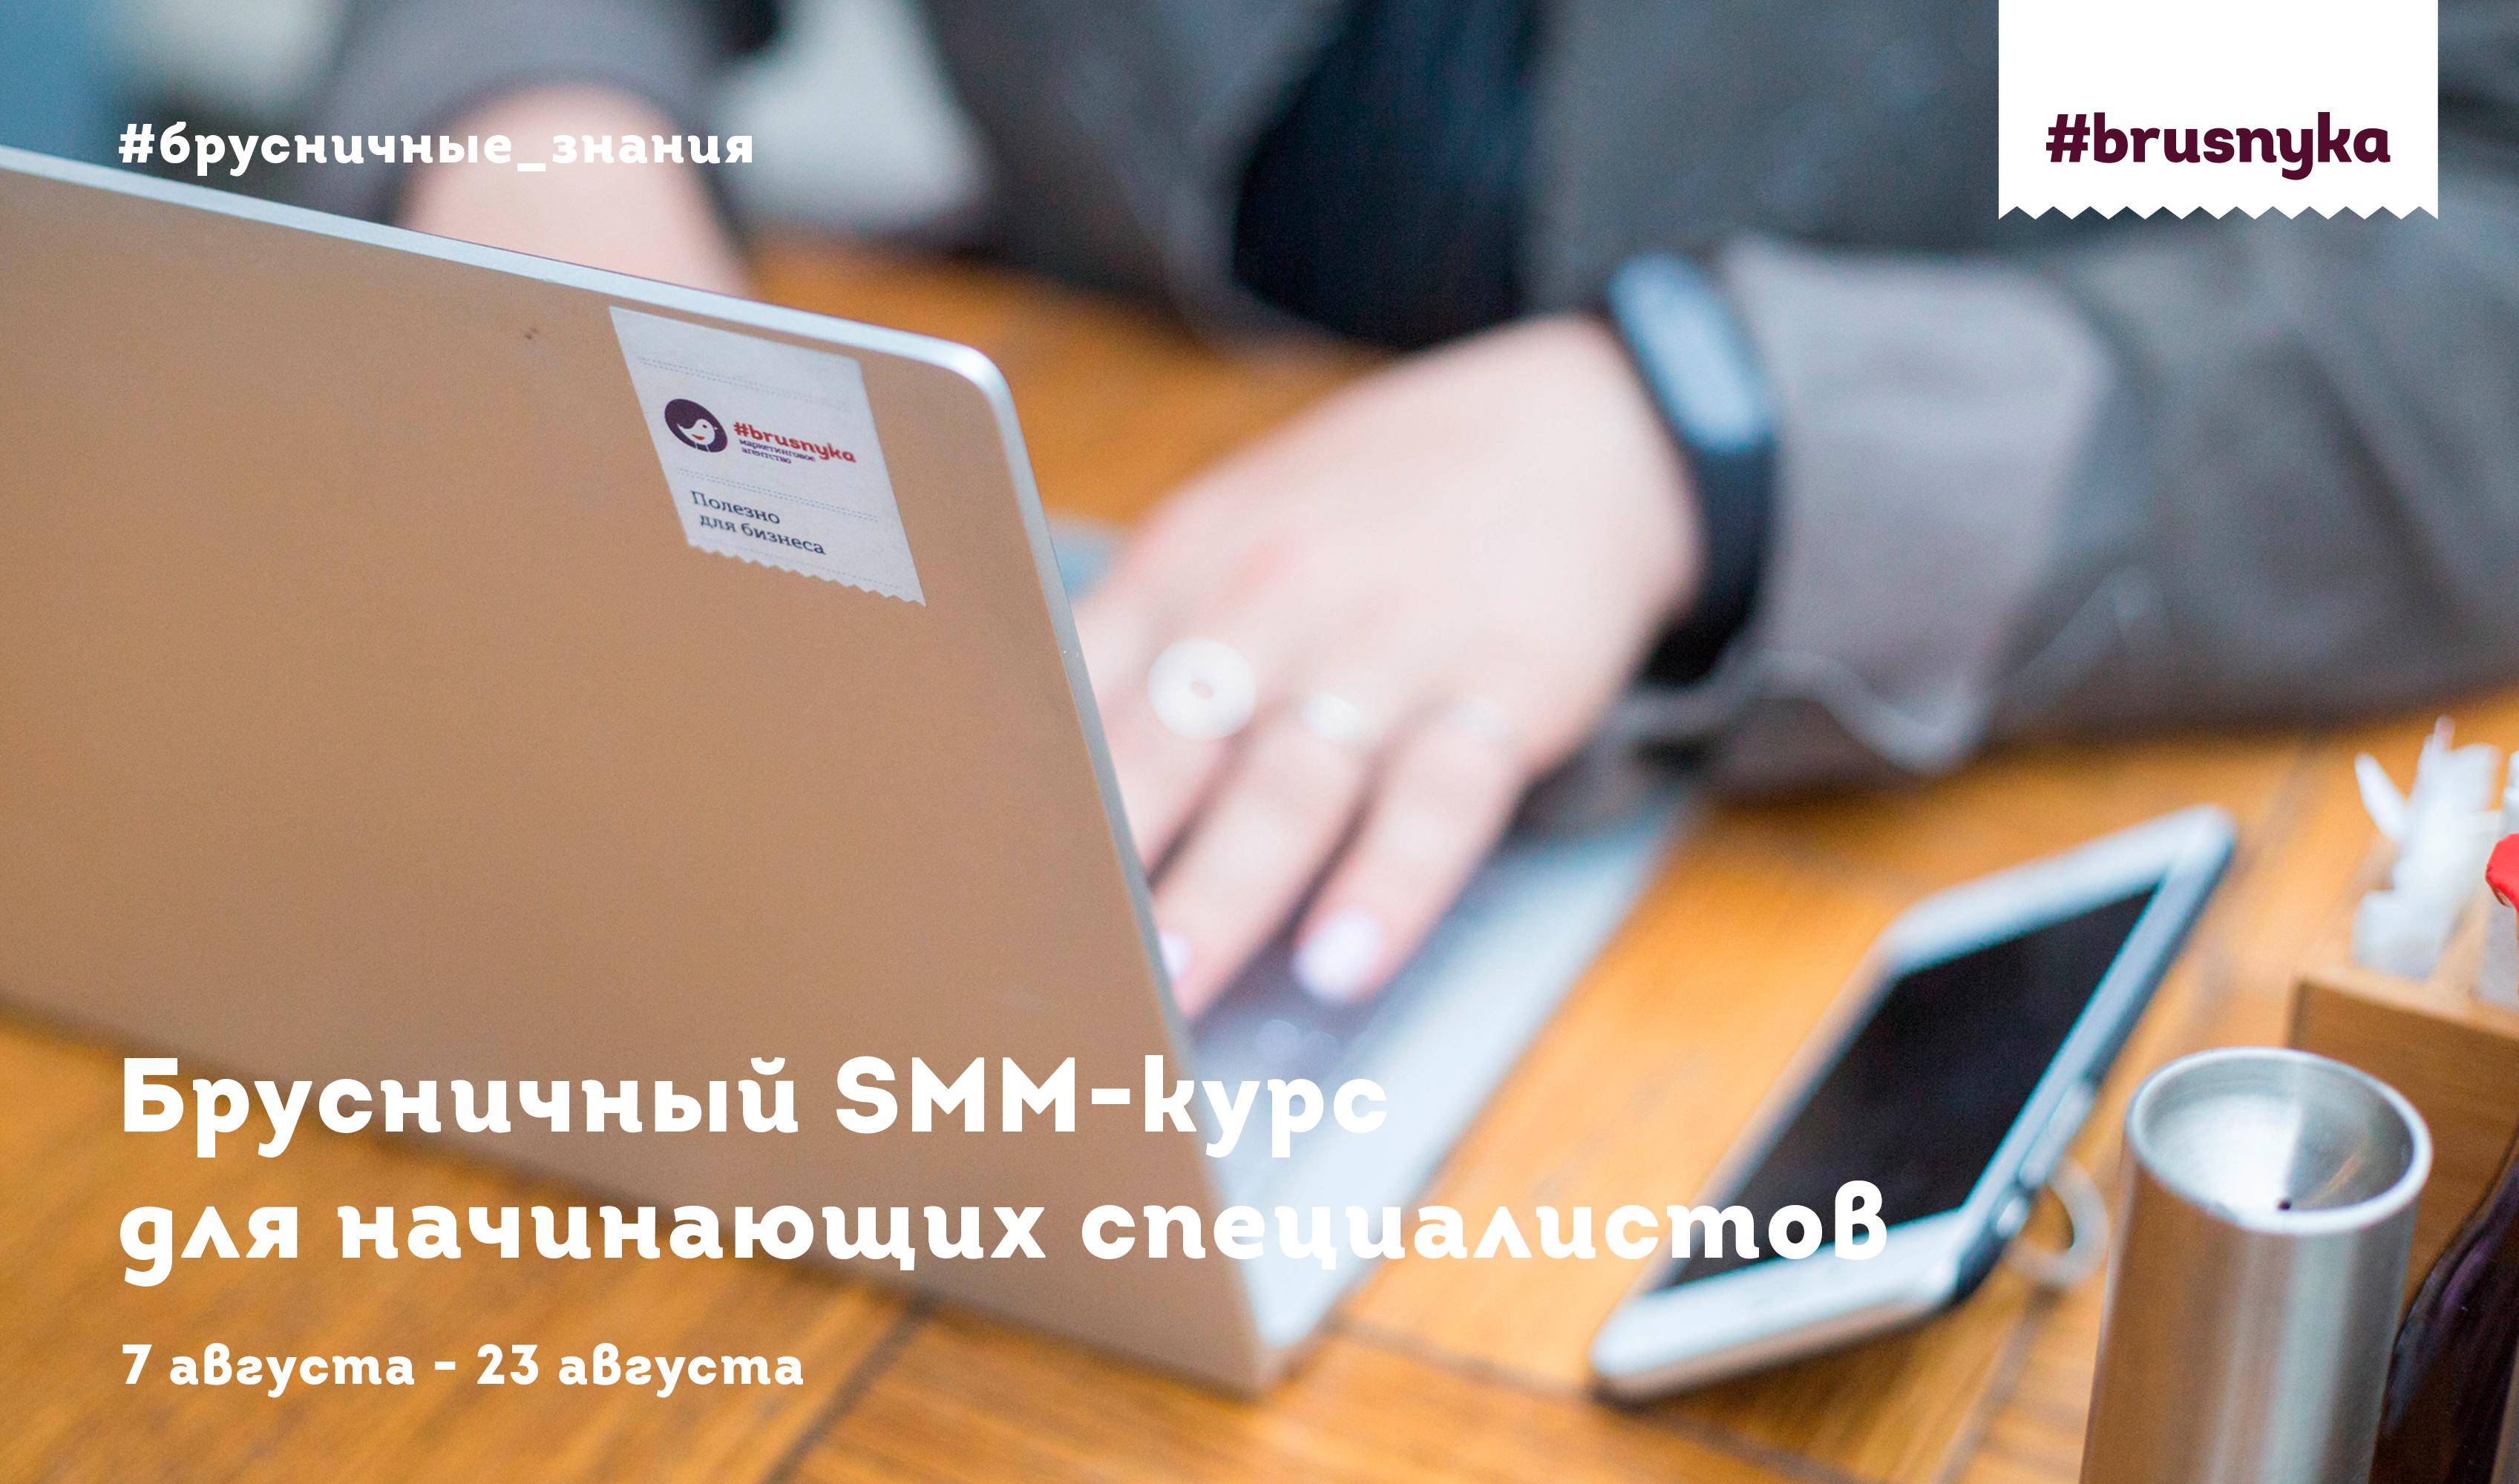 """Маркетинговое агентство """"Брусника"""" представляет обновленный курс по SMM-продвижению, с акцентом на личный бренд."""